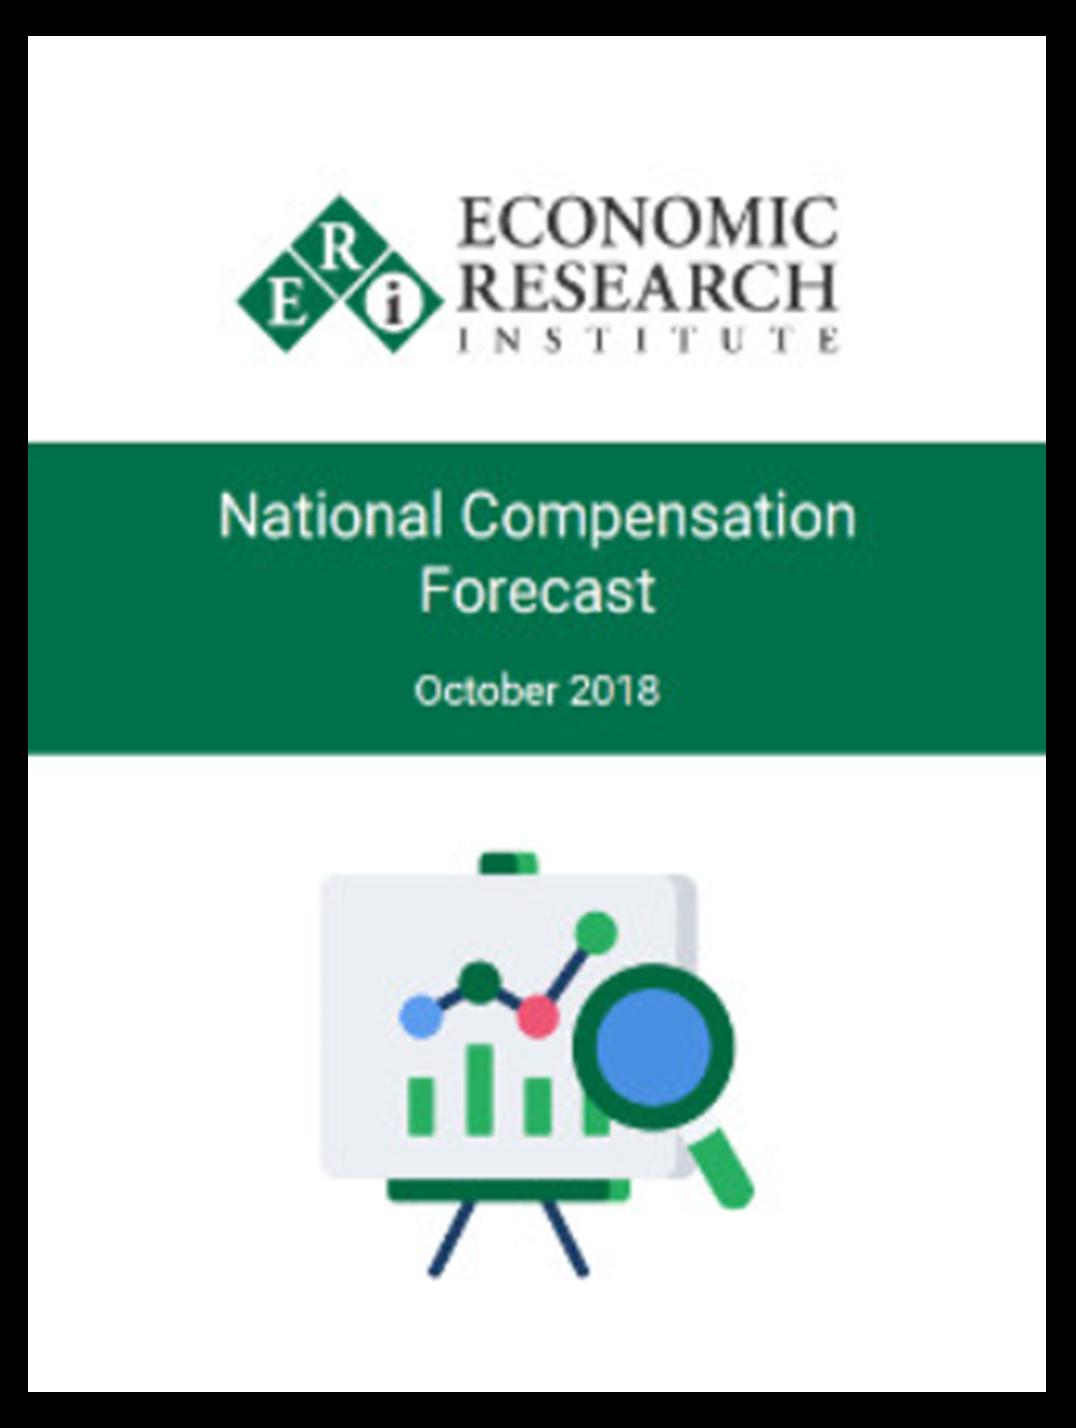 National Compensation Forecast October 2018-1